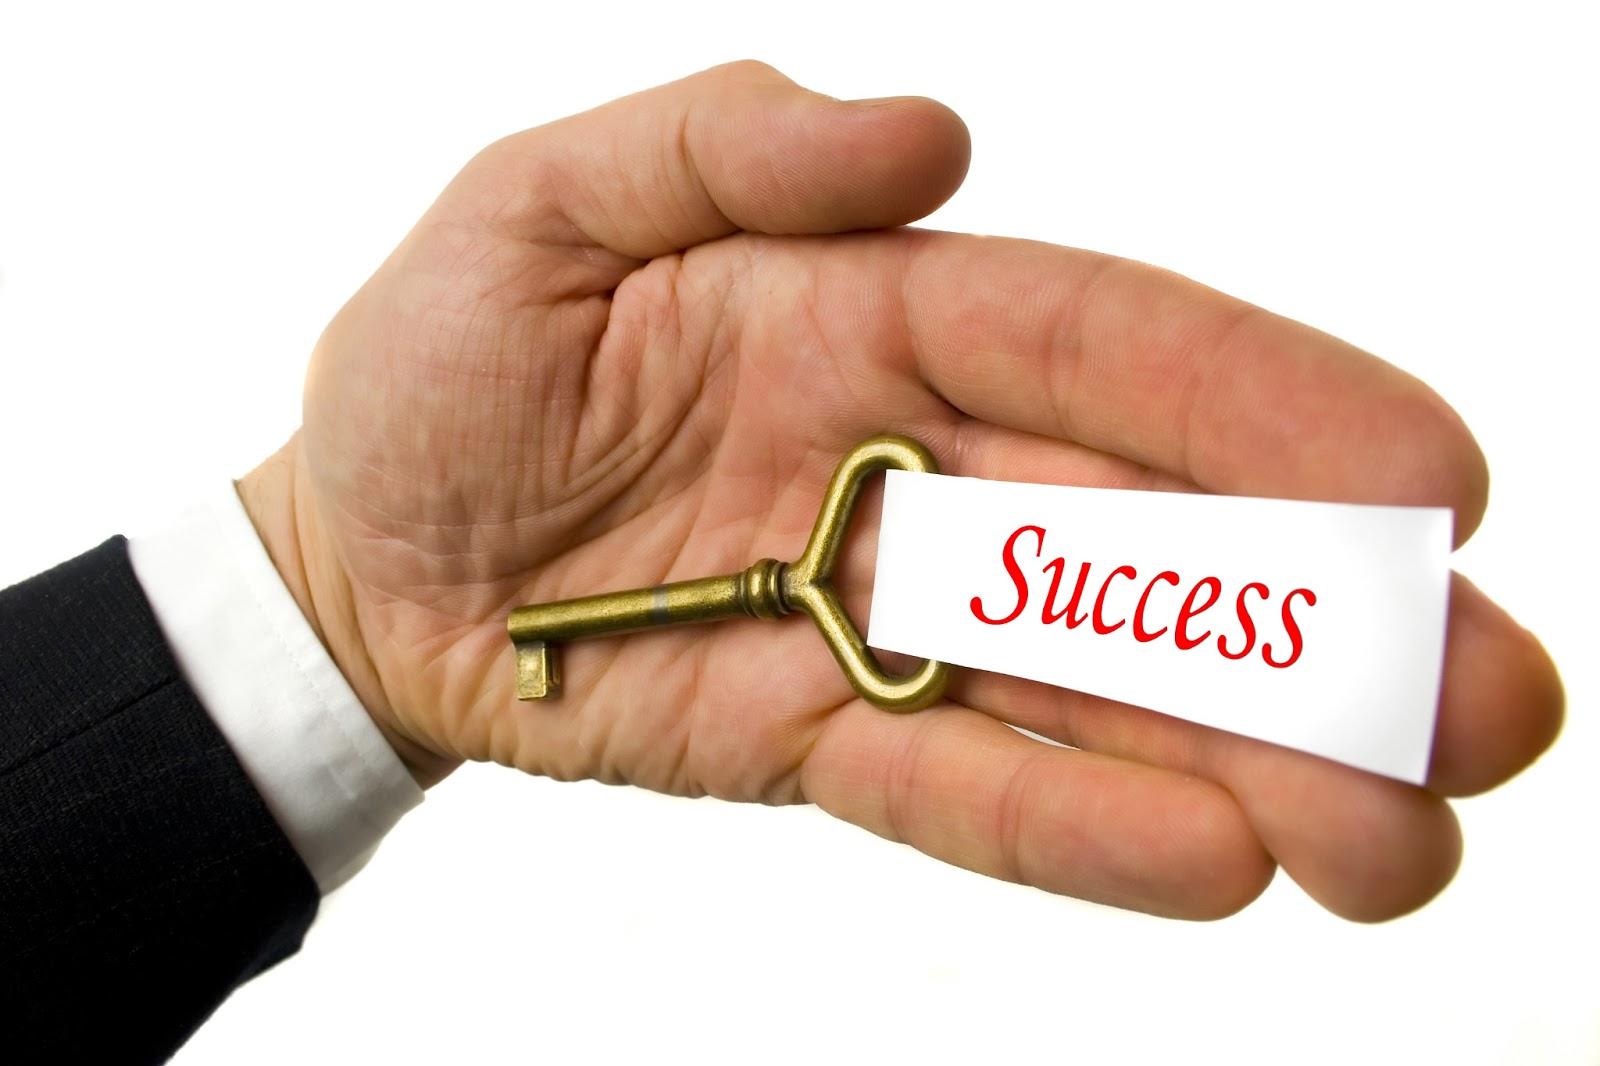 تست موفقیت که آینده شما رو مشخص میکنه